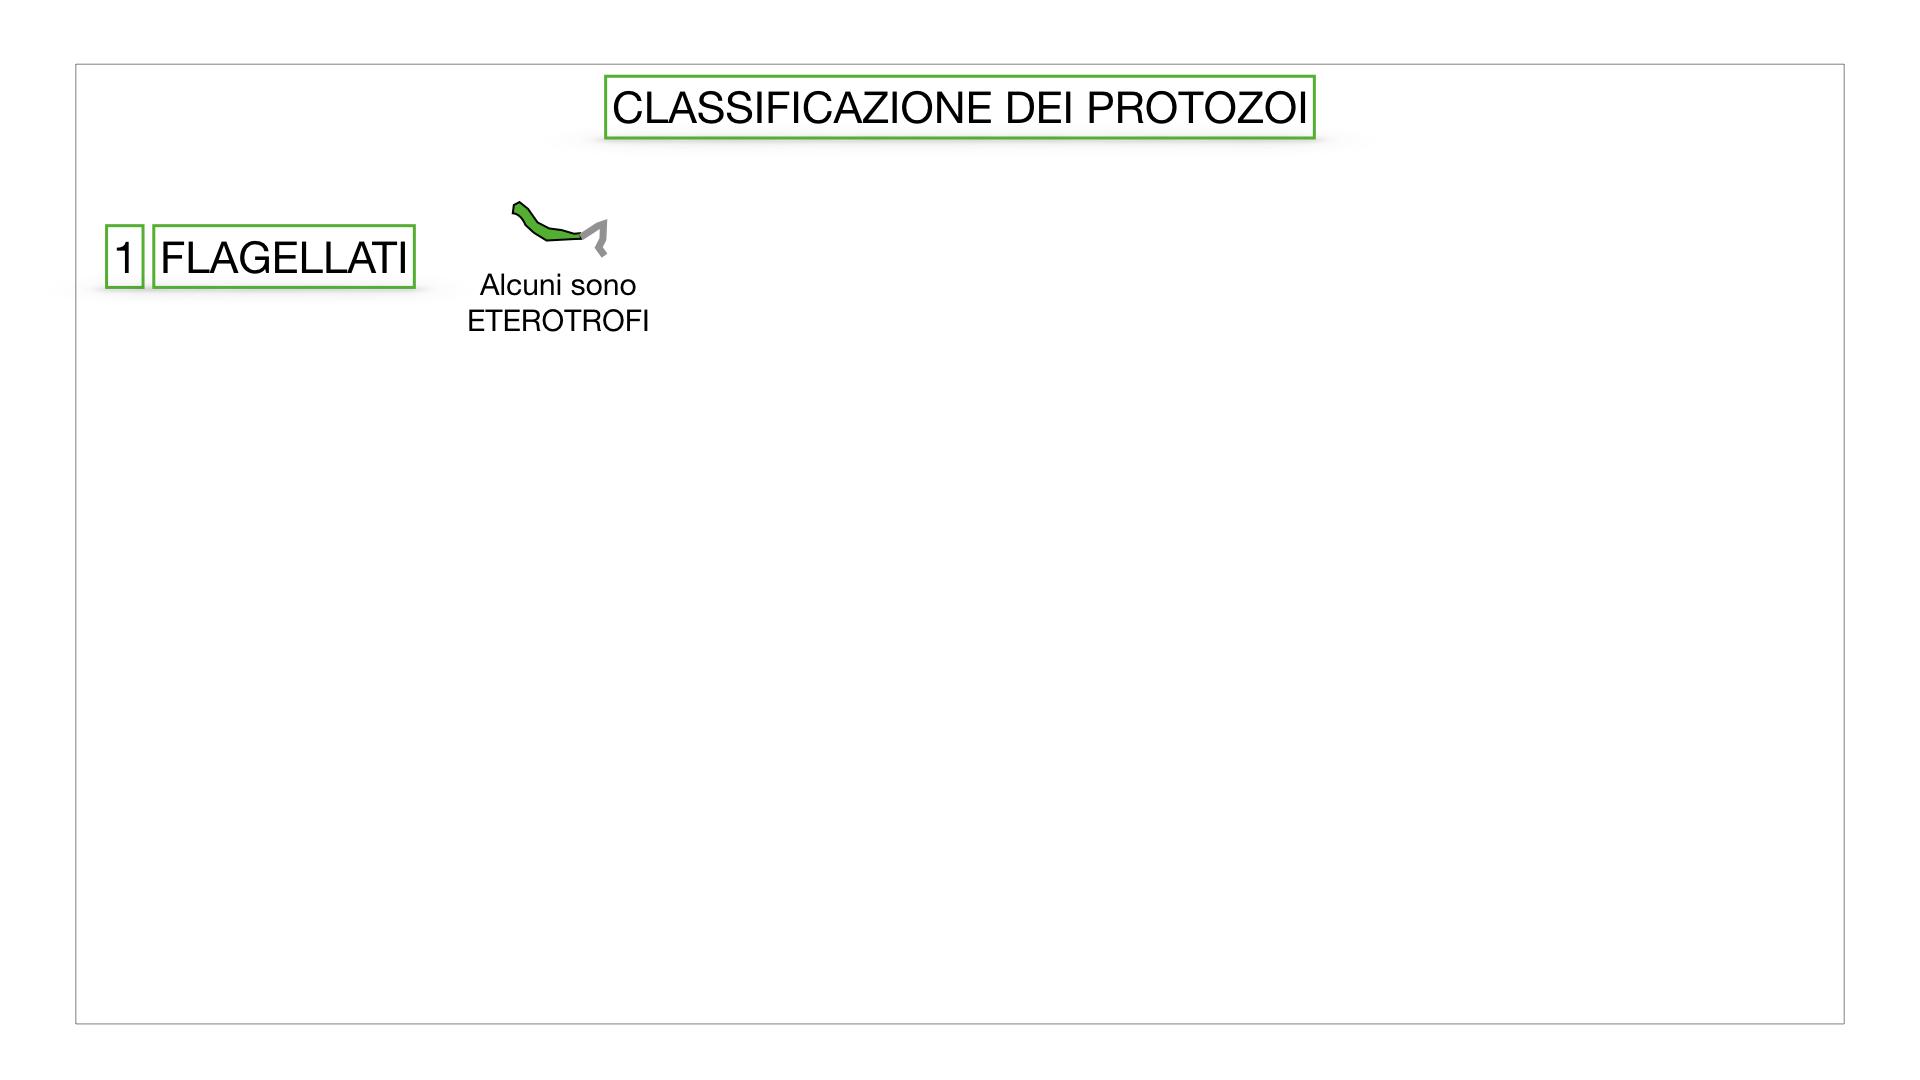 6. PROTOZOI_classificazione_SIMULAZIONE.012